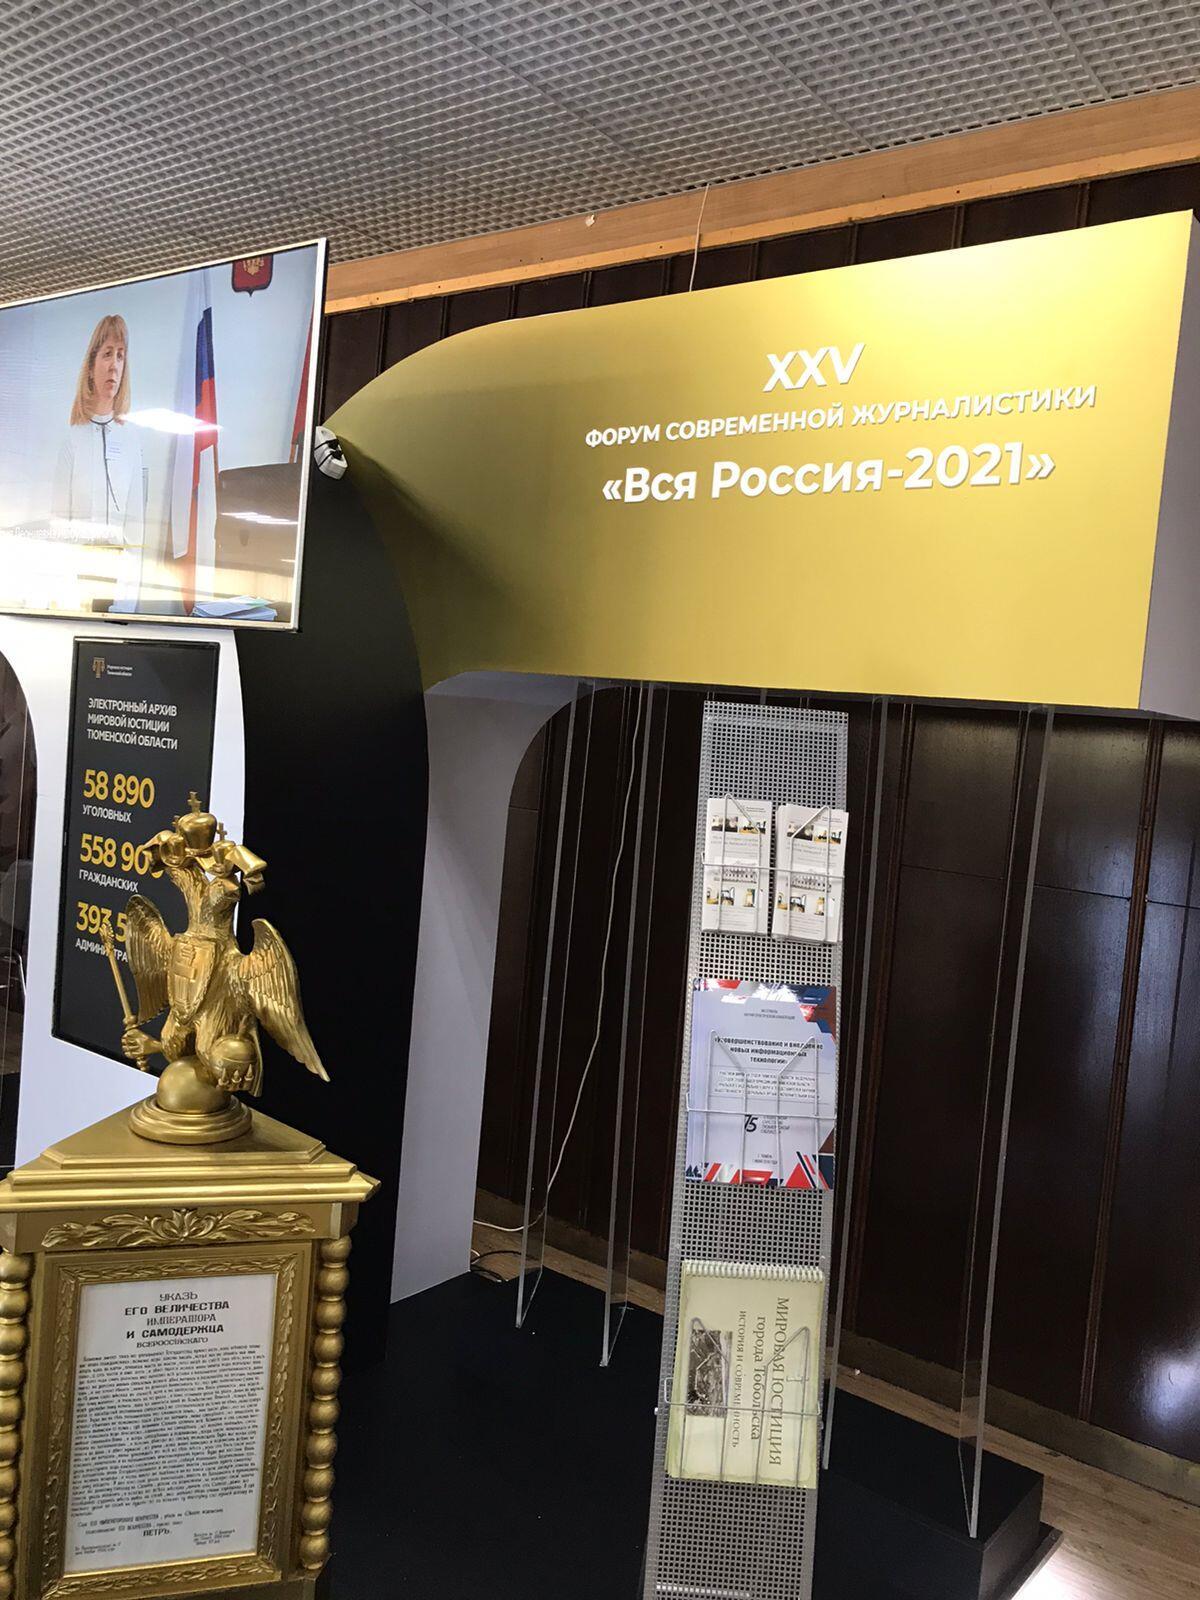 В Сочи проходит XXV форум современной журналистики «Вся Россия»